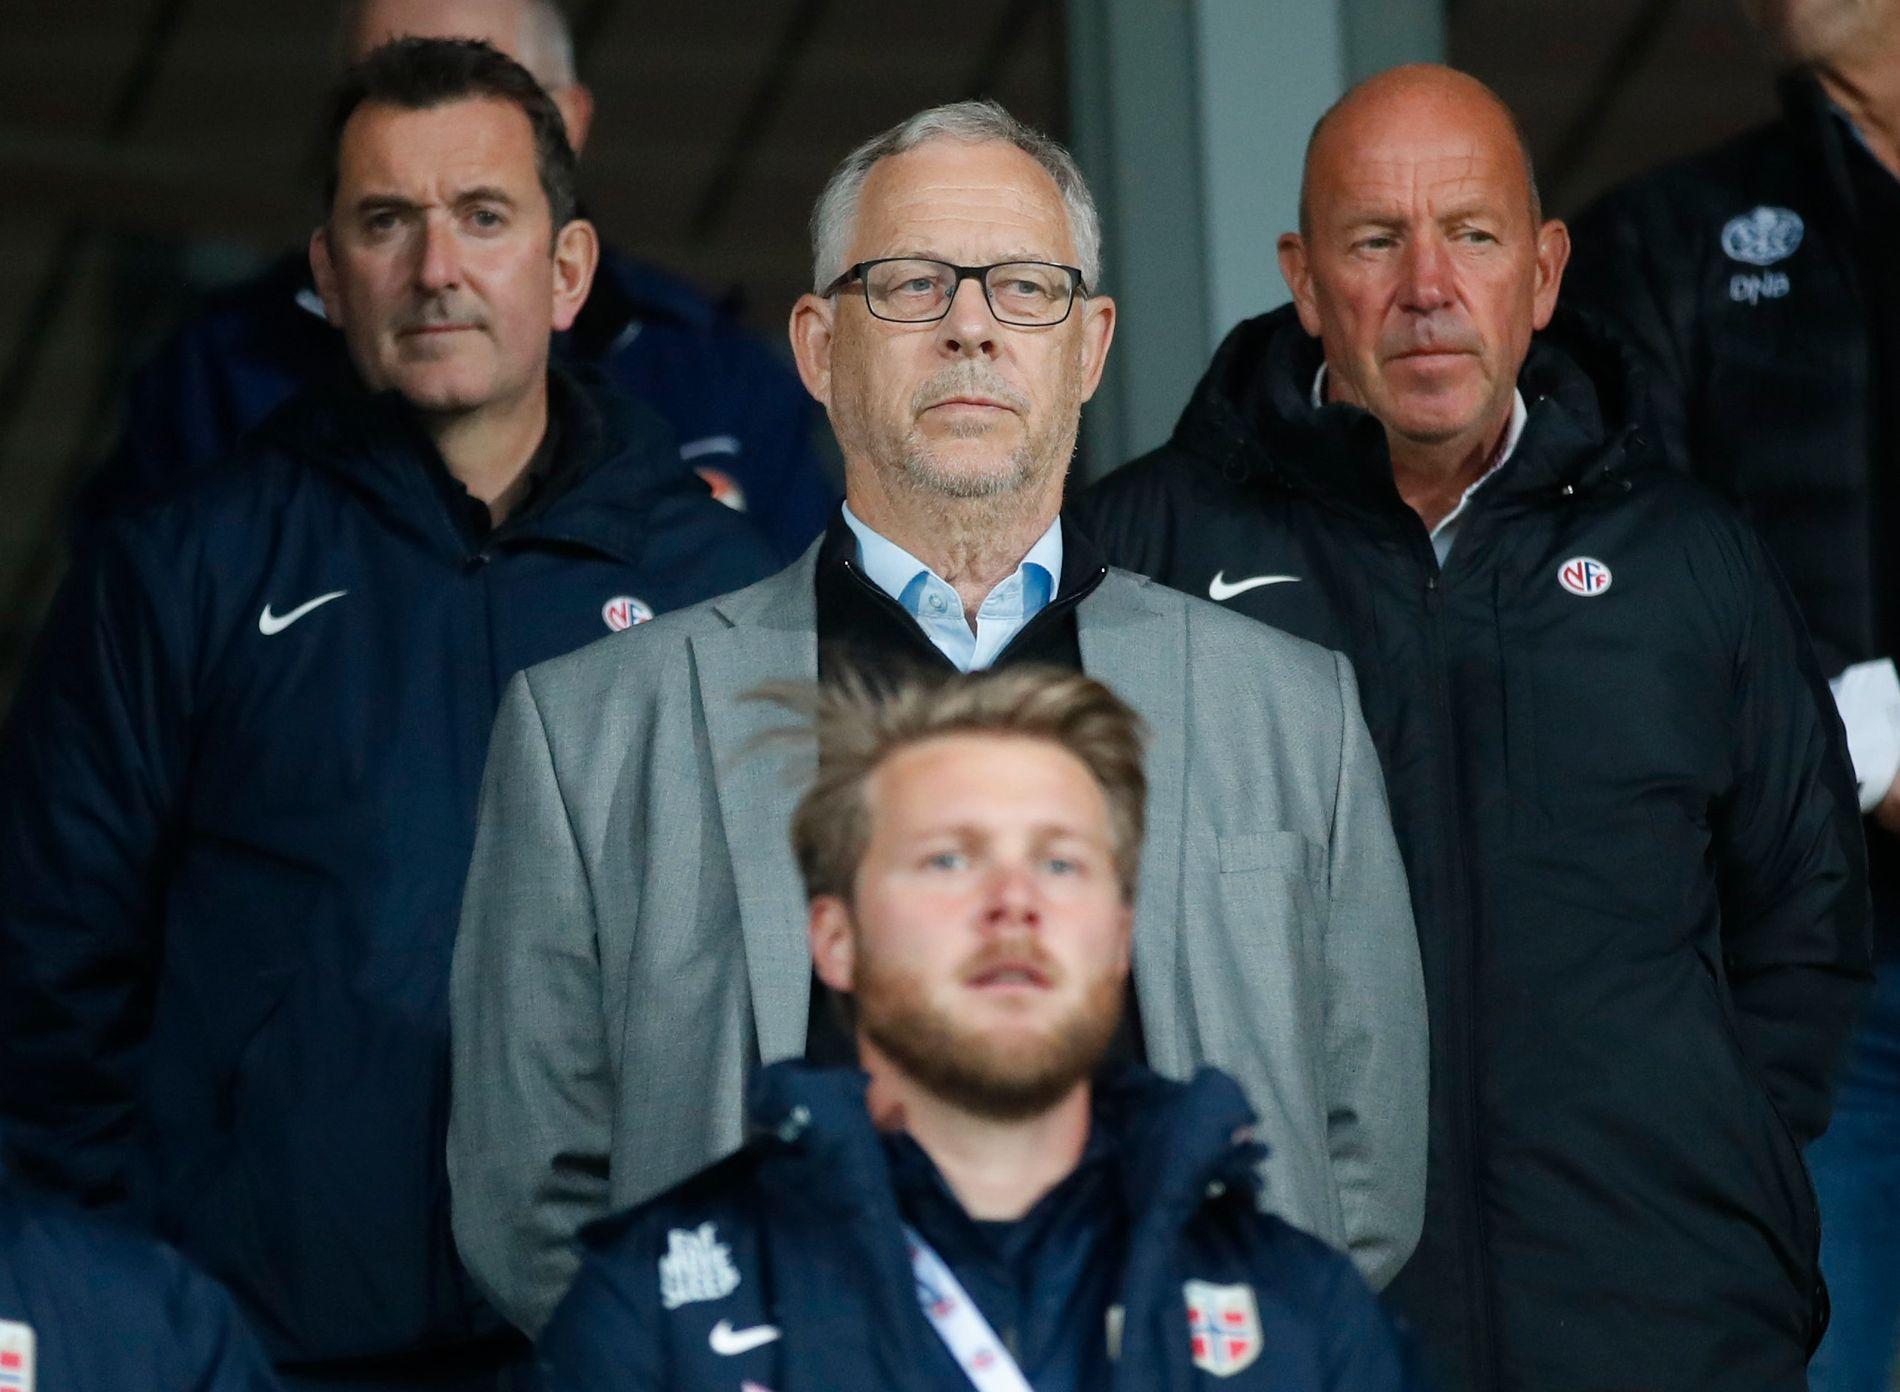 VAR PÅ KAMP: Lars Lagerbäck, flankert av assistent Per Joar Hansen (t.v.) og toppfotballsjef Nils Johan Semb (t.h.) var til stede i Drammen for å se U21-landslaget tirsdag kveld.